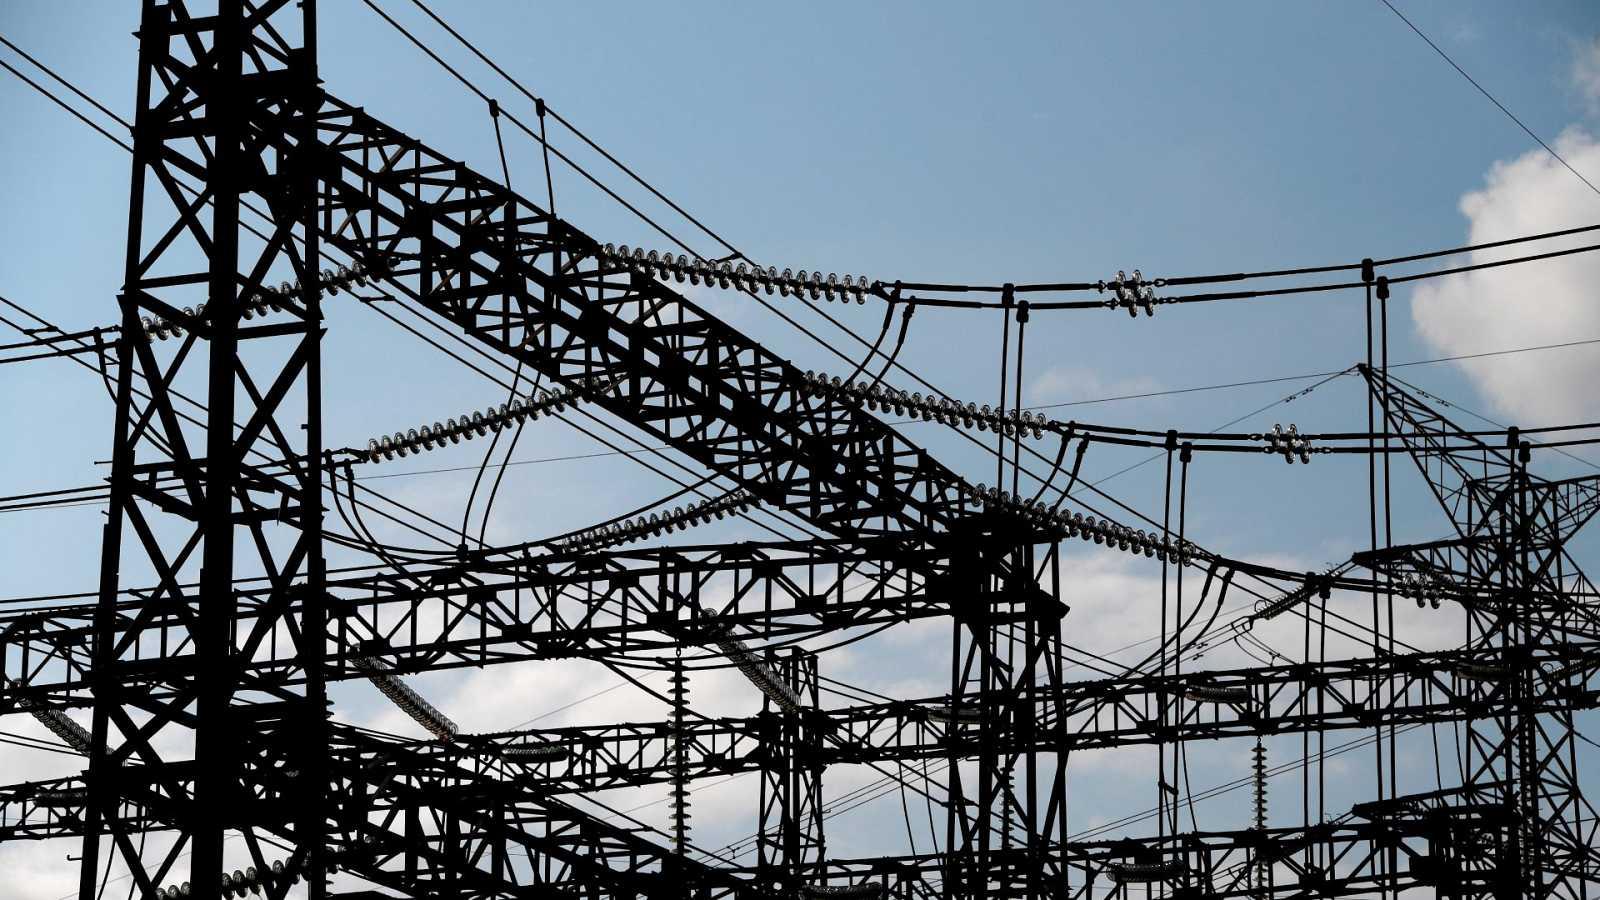 El Gobierno aprueba su plan de choque para bajar la factura de la luz tras semanas con precios récord